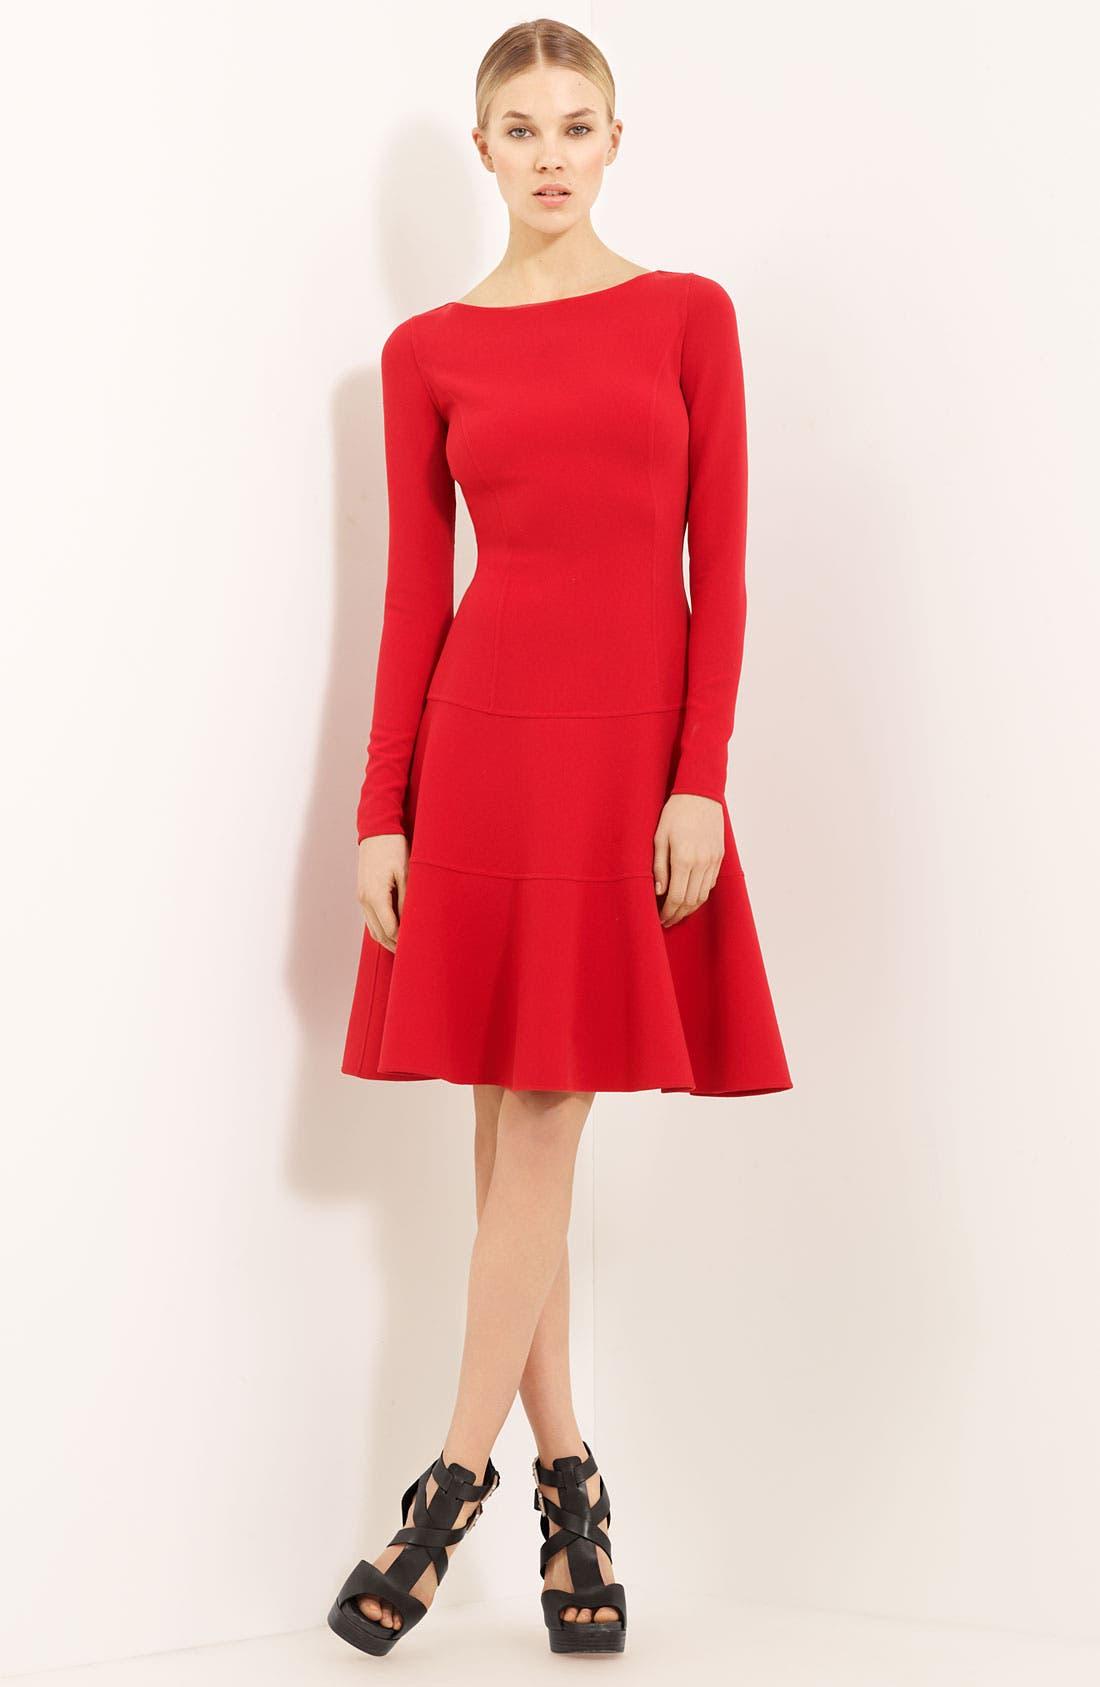 Main Image - Michael Kors Wool Crepe Dress